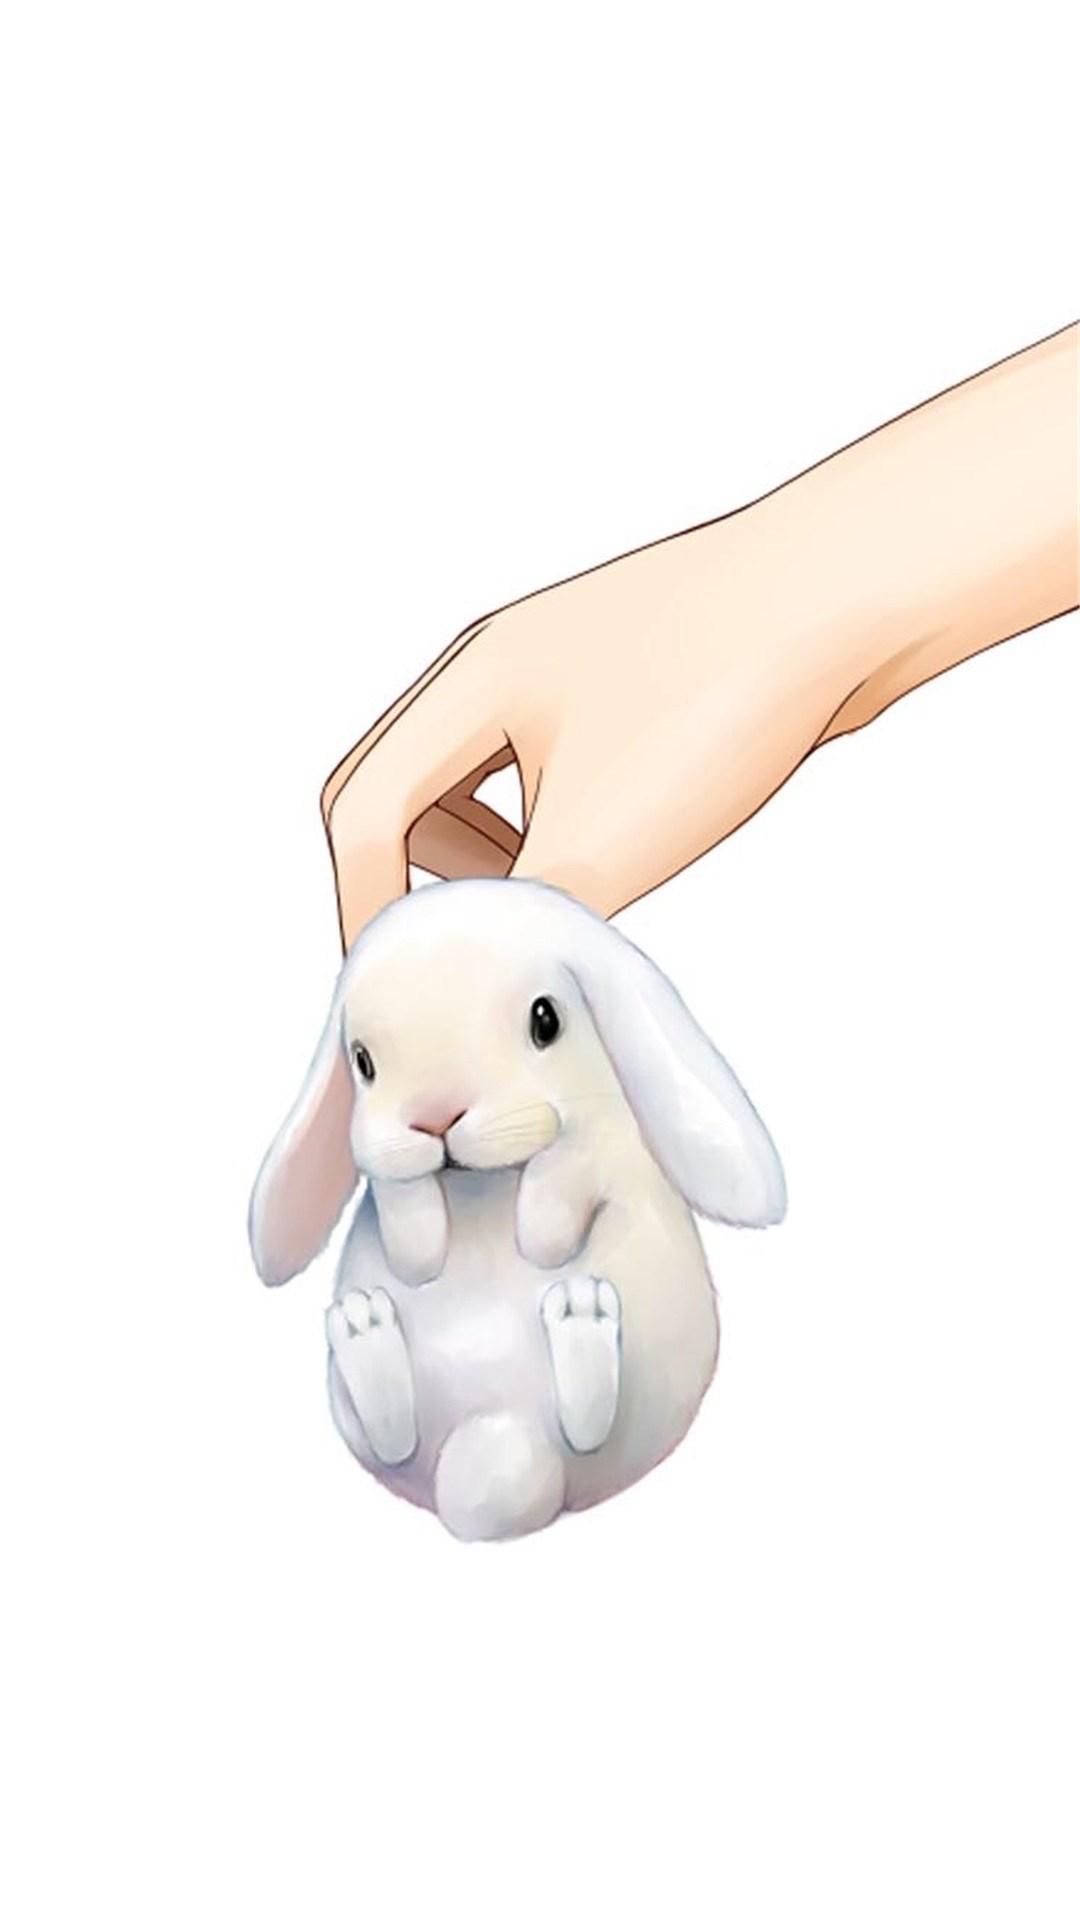 动物 萌宠 可爱 手 兔子 苹果手机高清壁纸 1080x1920